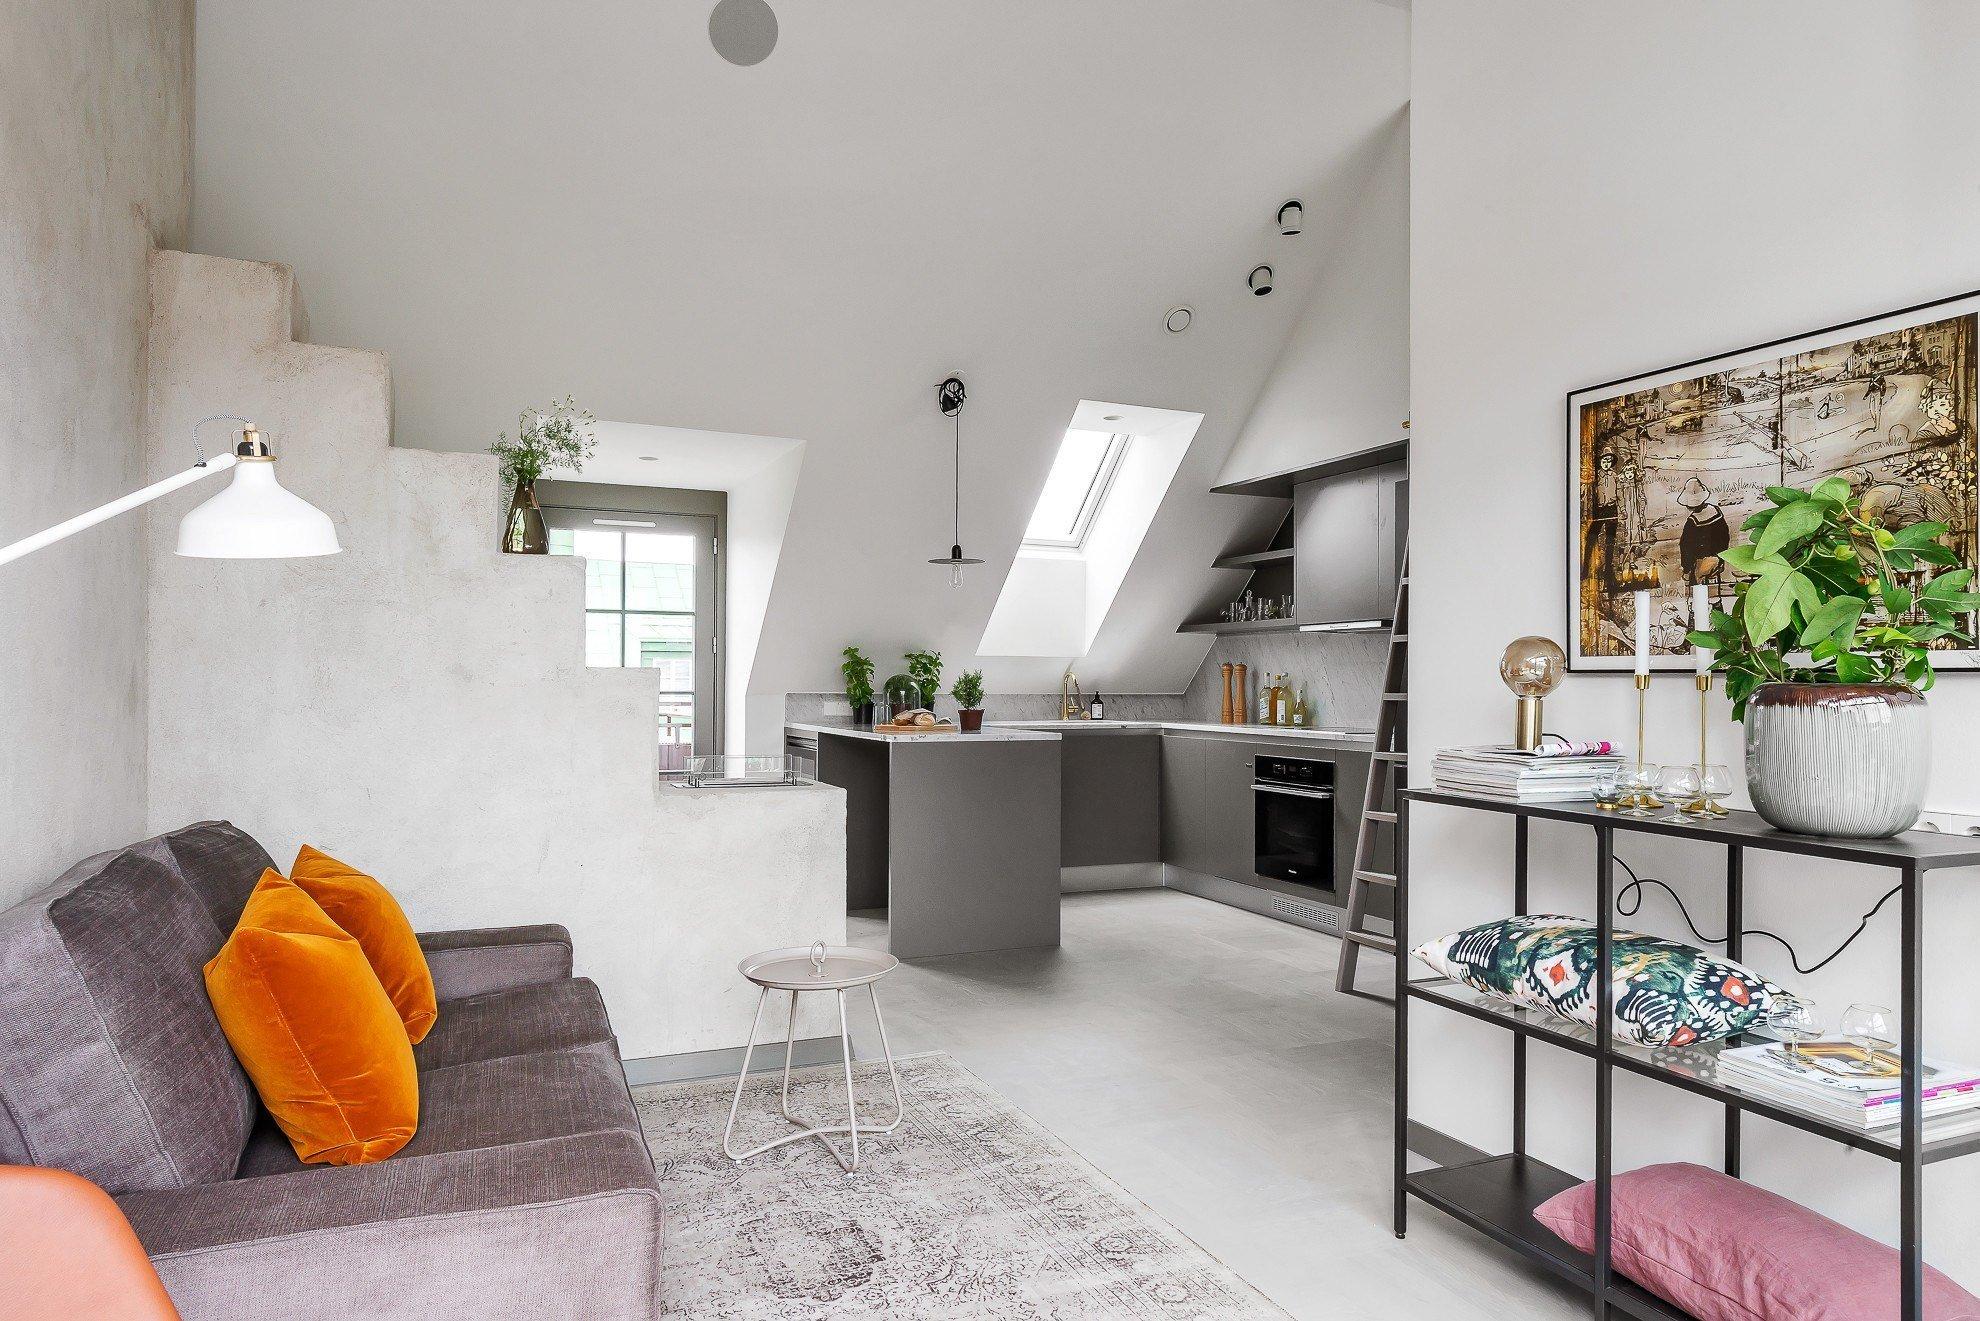 Ačkoliv se může zdát velmi těžké až nemožné udělat z malého prostoru funkční a stylové bydlení, švédským architektům, kteří stojí za tímto projektem, se to povedlo na výbornou. Vzniklo tak naprosto úchvatné podkrovní bydlení ve skandinávském stylu, jehož nádech je citelně znát od koupelny až po terasu.